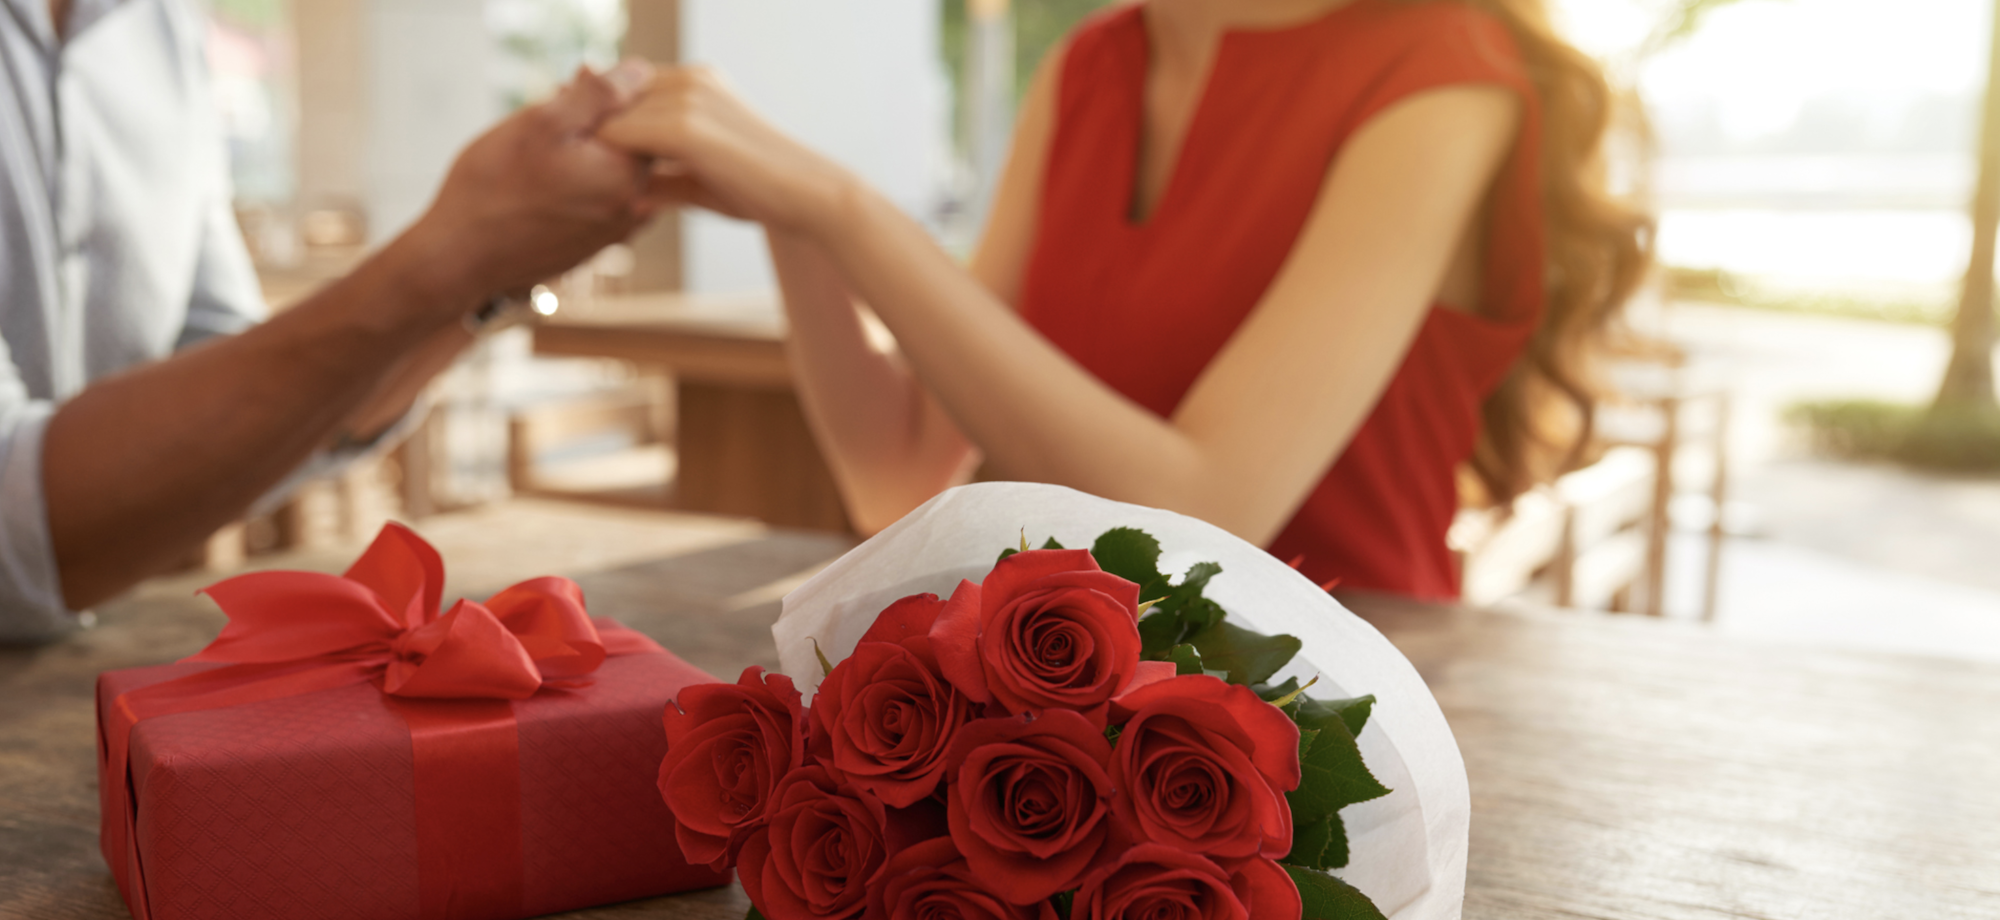 amor y amistad regalos